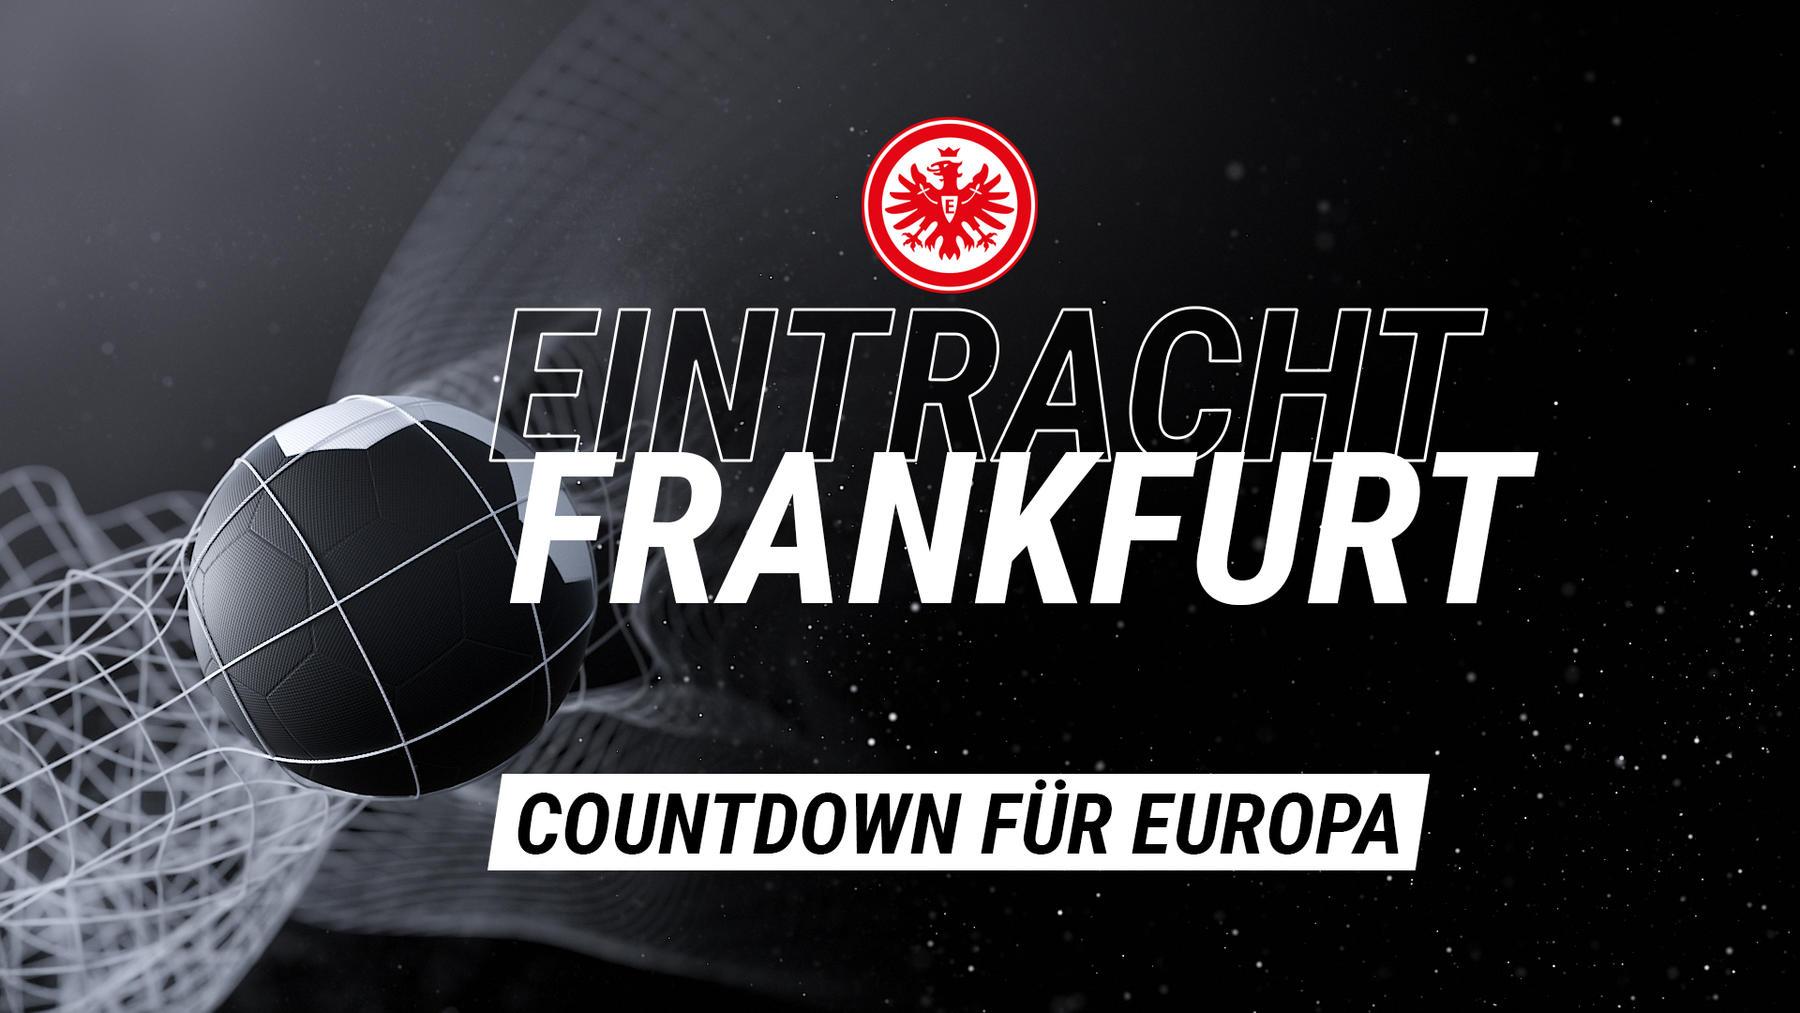 Countdown für Europa - Eintracht Frankfurt